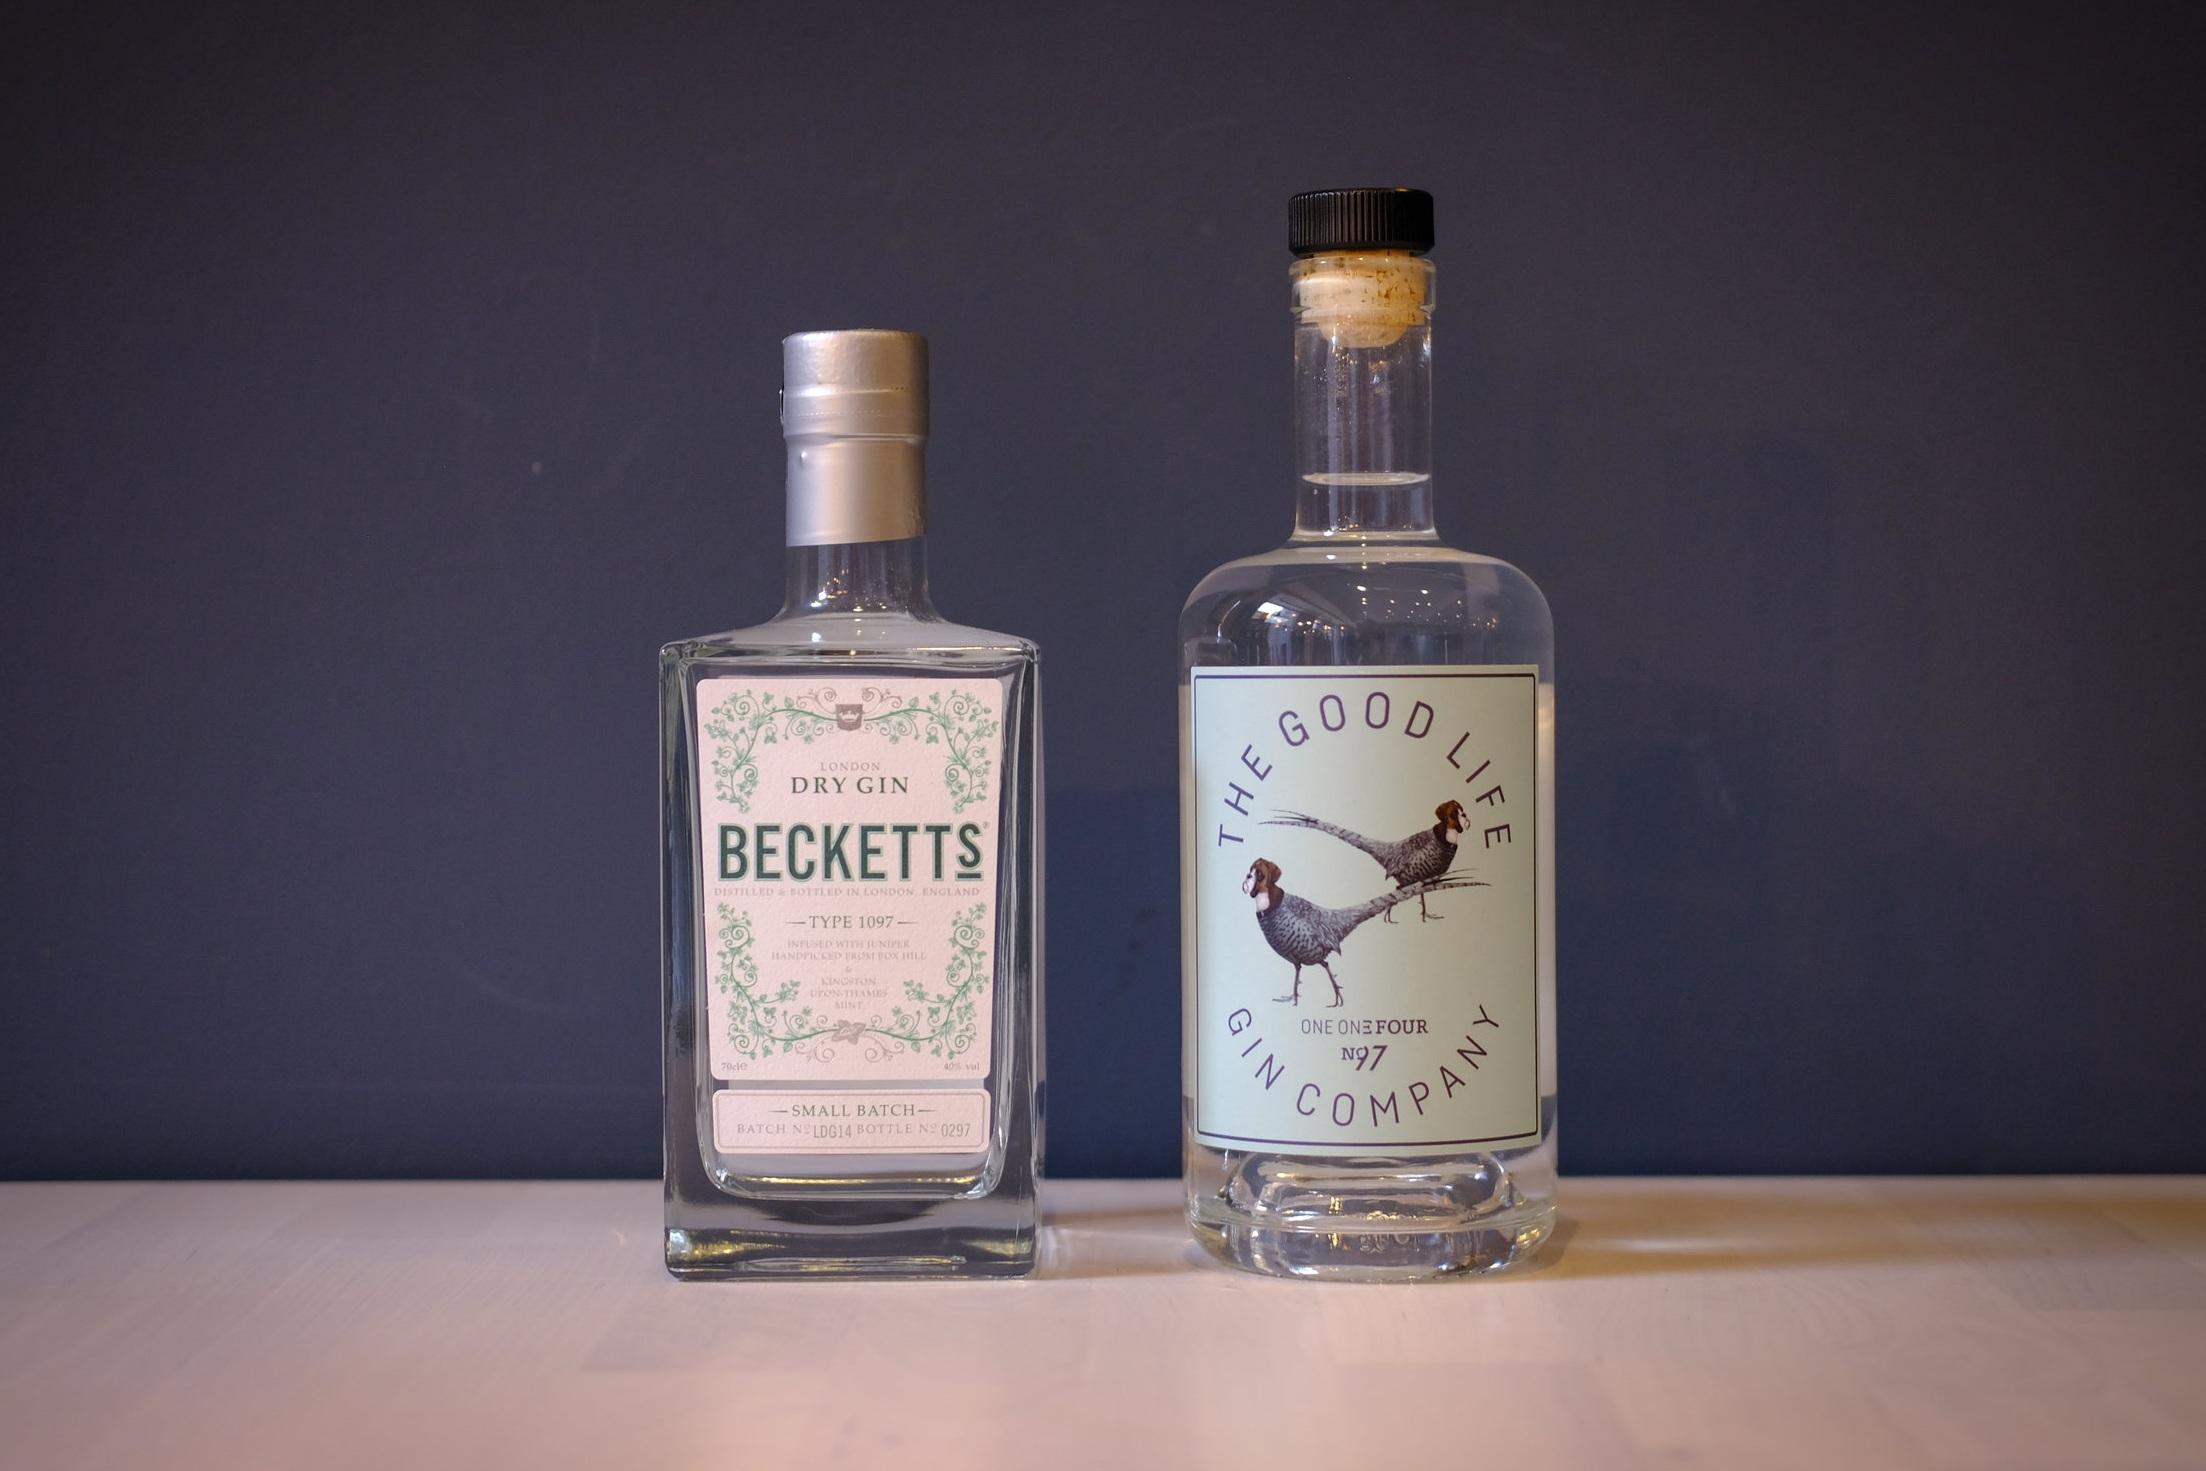 becketts-goodlife-no97-gin-kingston-surbiton